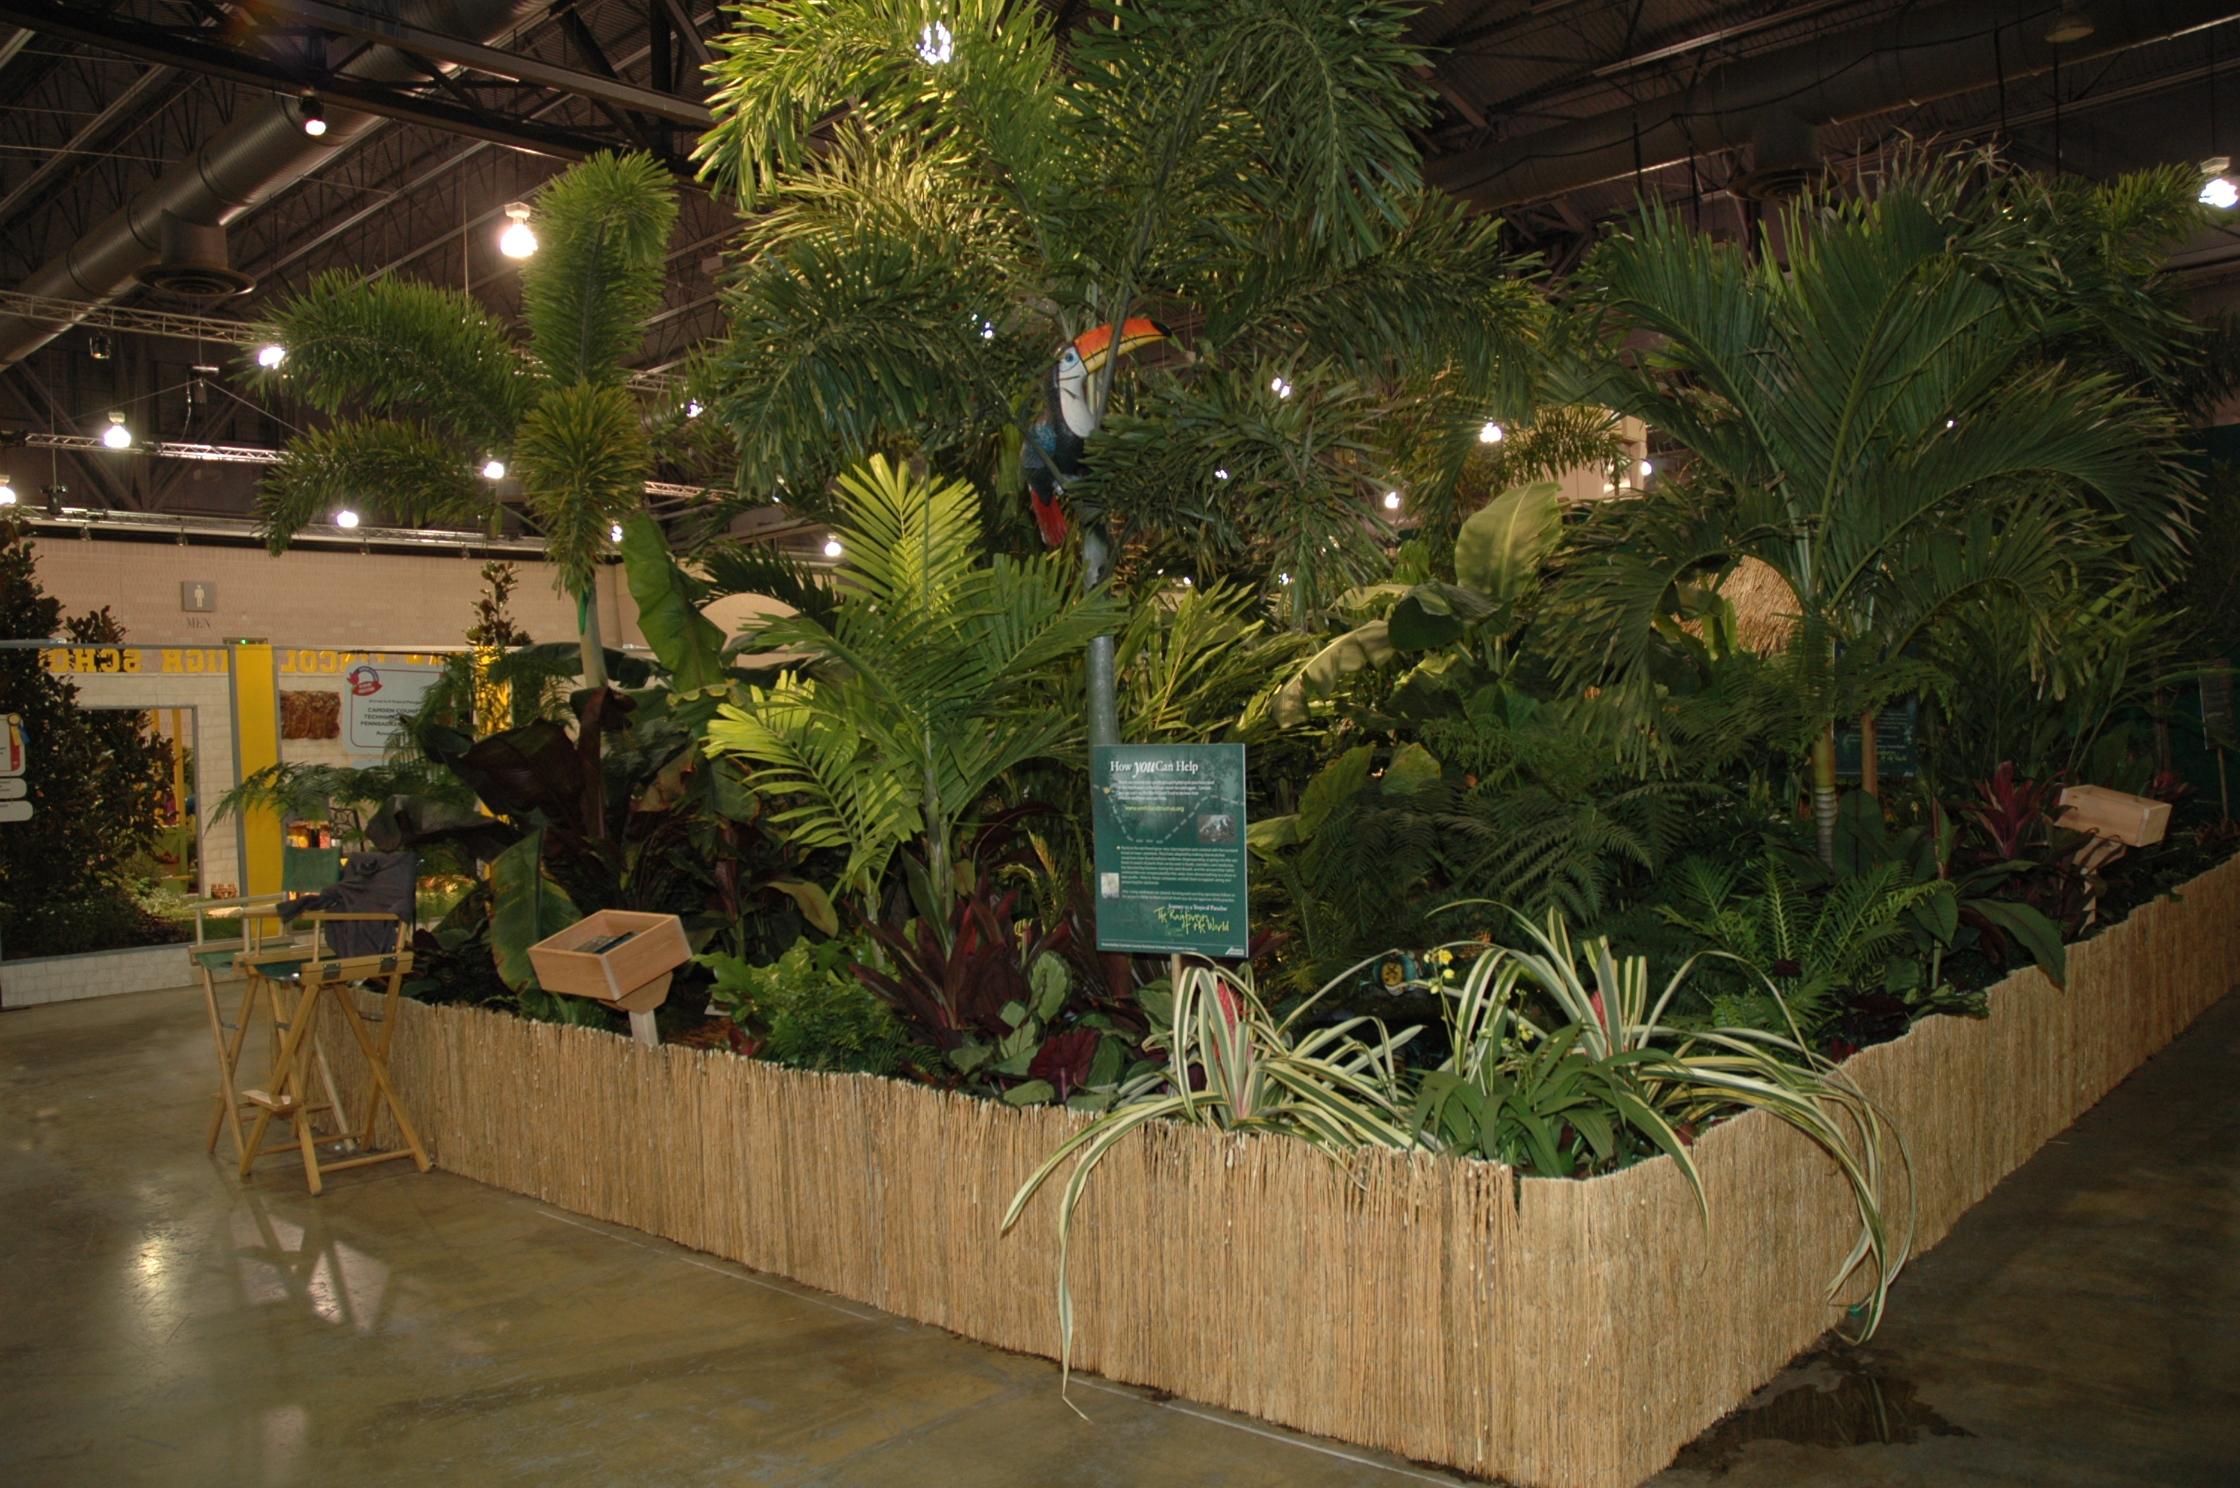 04 March 2010 The Philadelphia Flower Show Blog